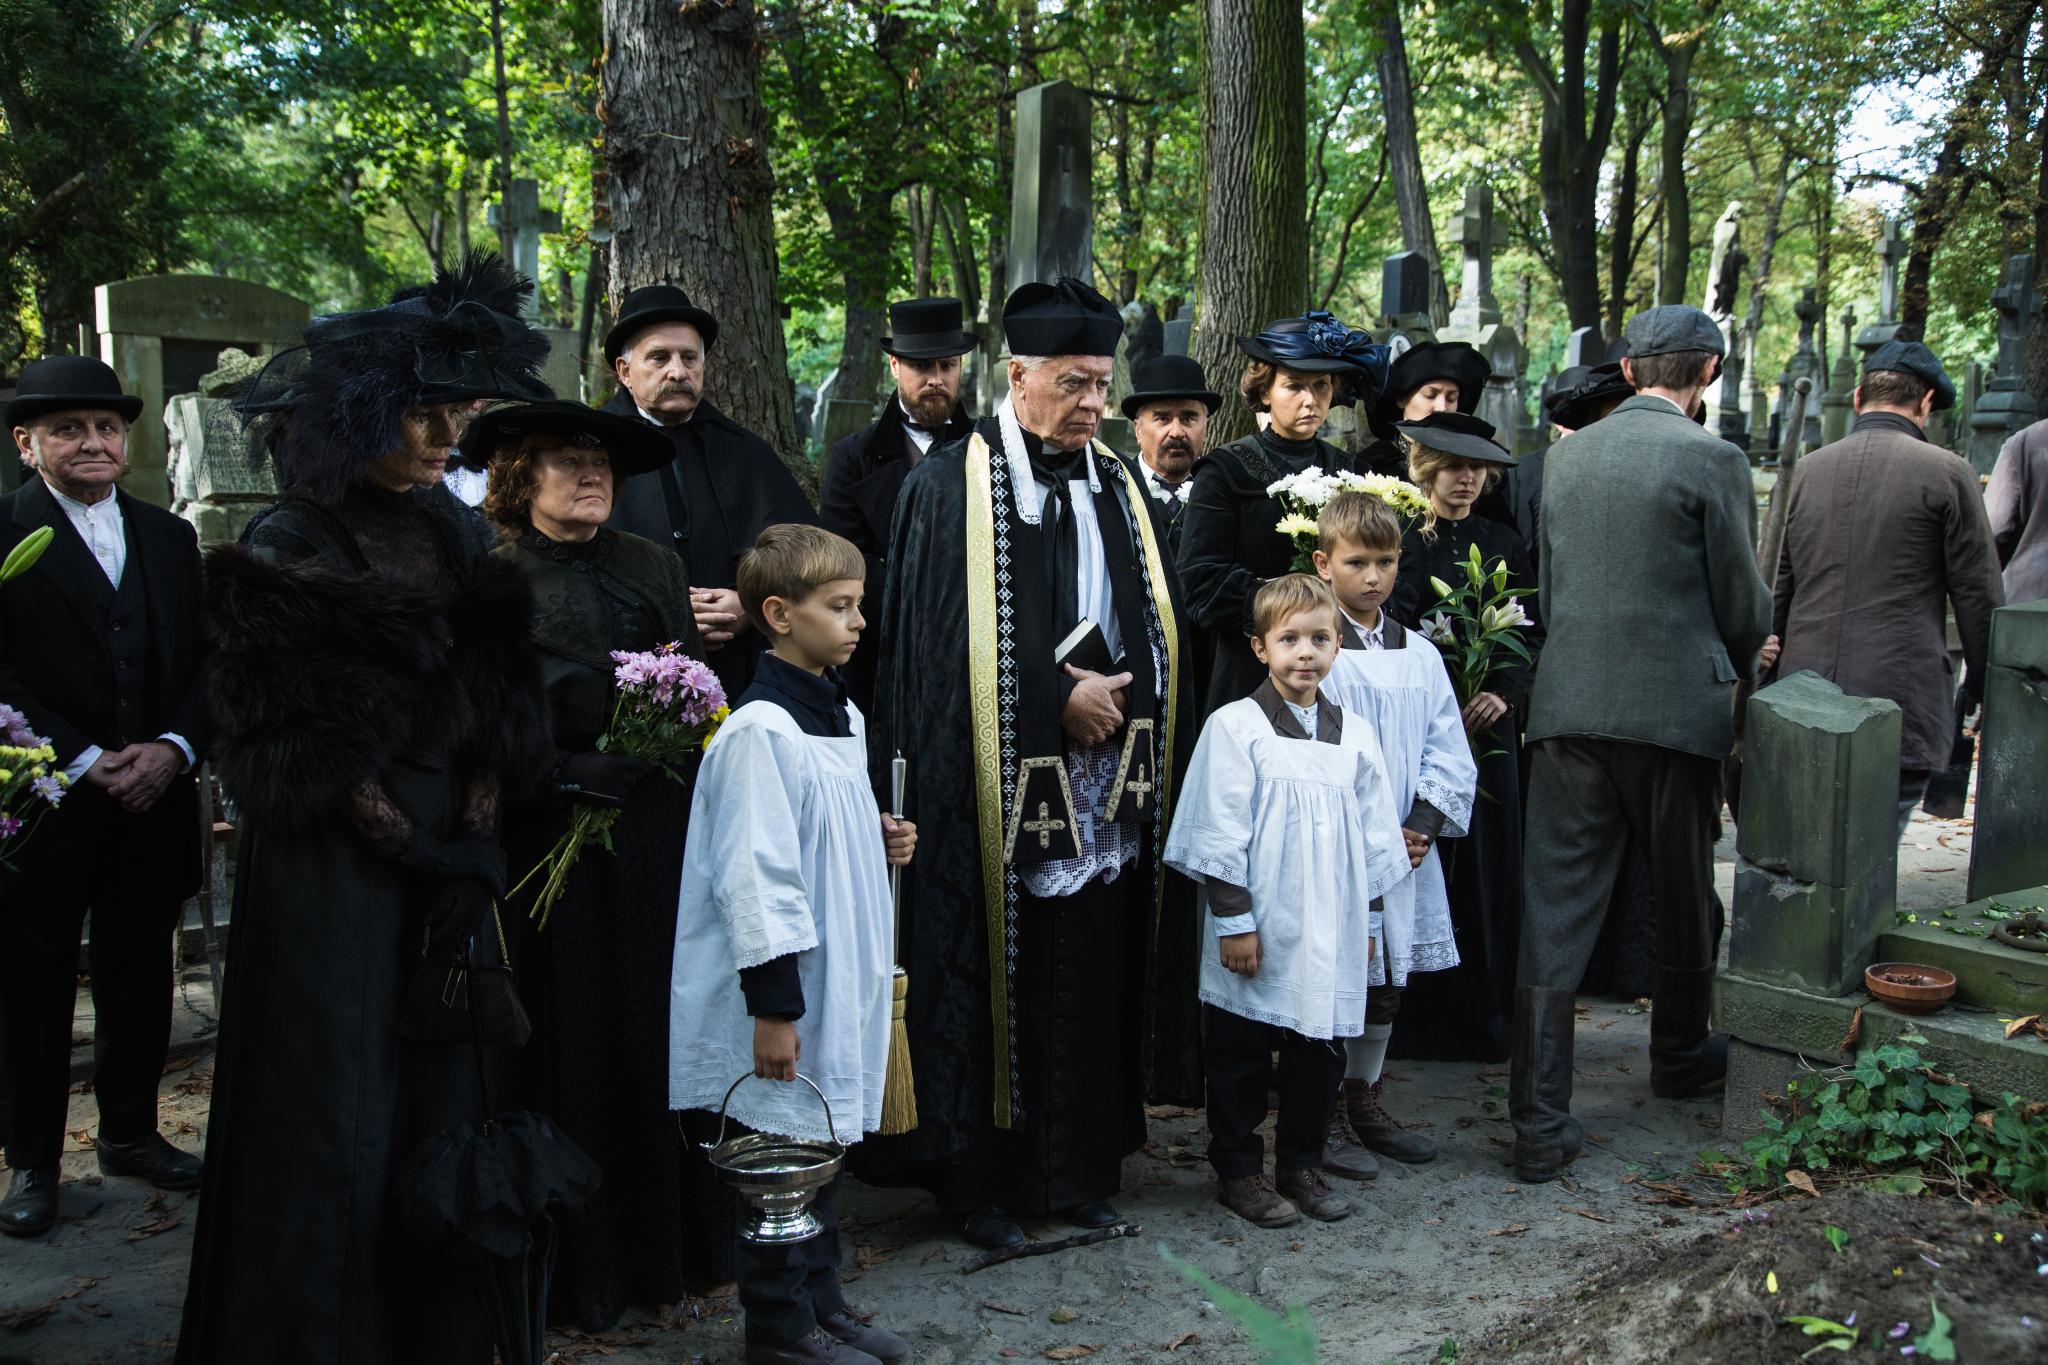 Magdalena Cielecka - Konstancja, Paweł Małaszyński - Jan, Wojciech Duryasz - Ksiądz